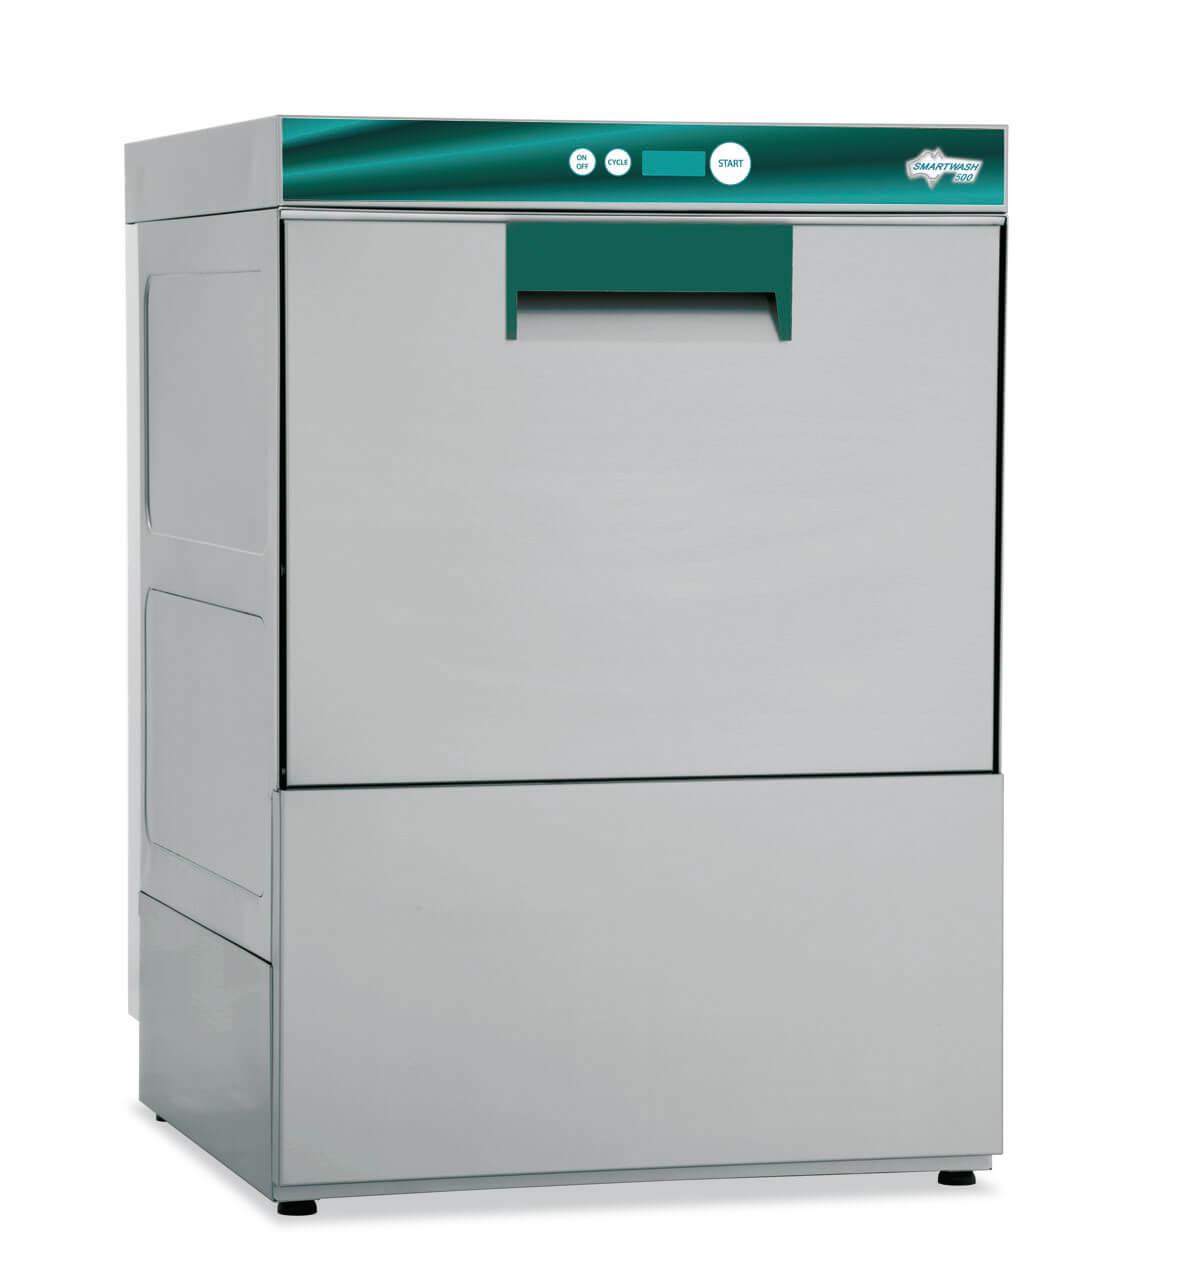 Eswood SW500 Smartwash Professional Undercounter Dishwasher/Glasswasher